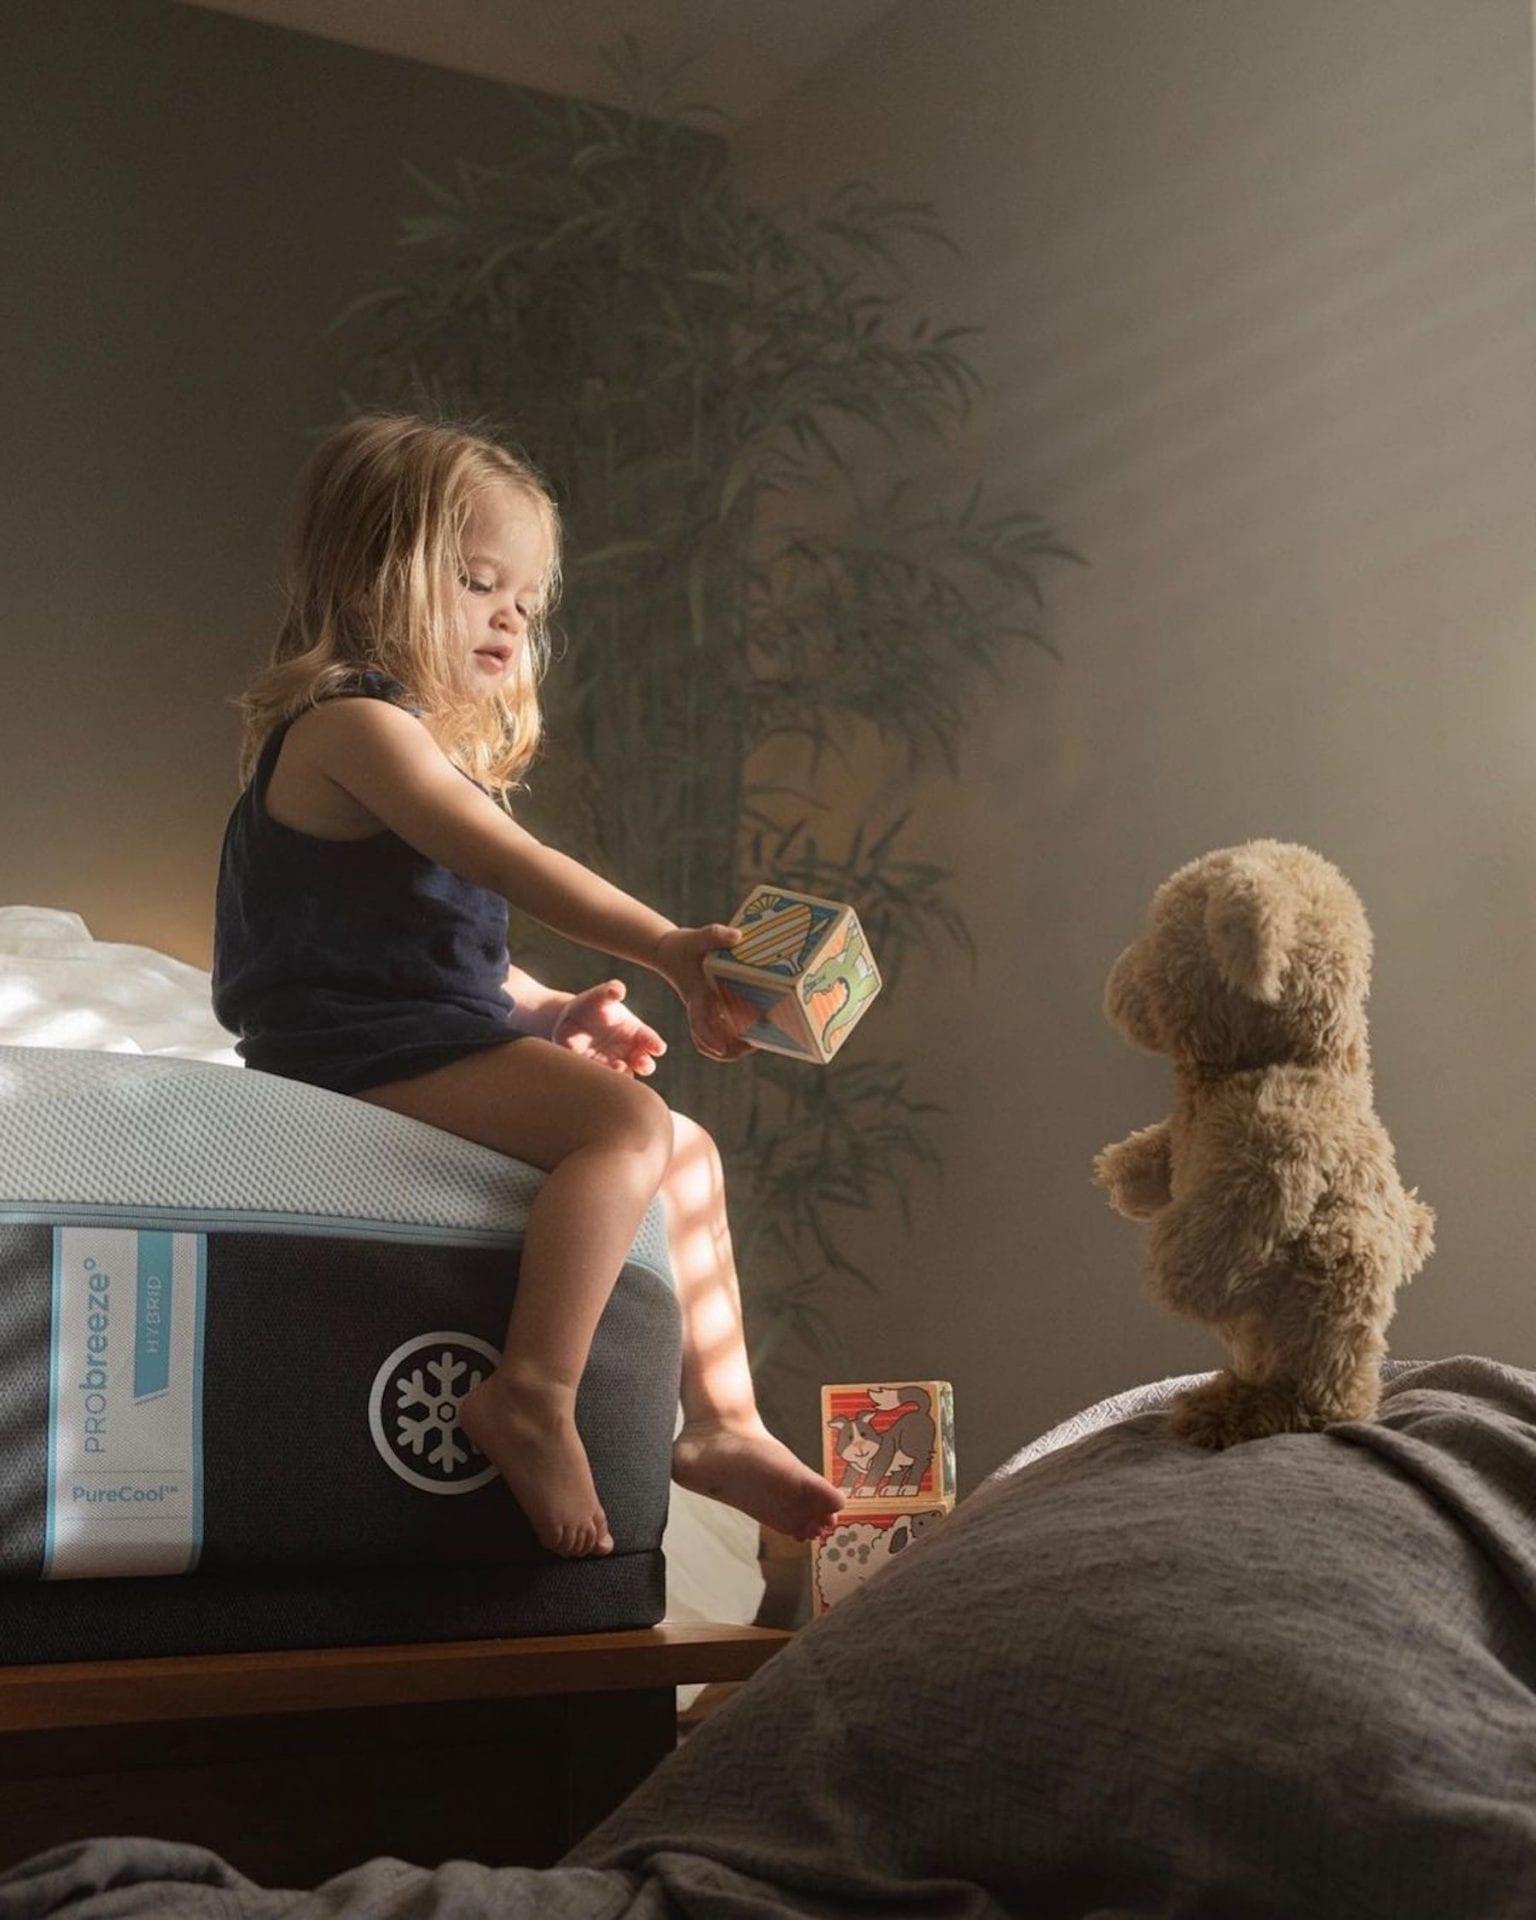 Adrian C. Murray est un papa qui donne vie à une peluche pour un projet photo touchant avec ses enfants